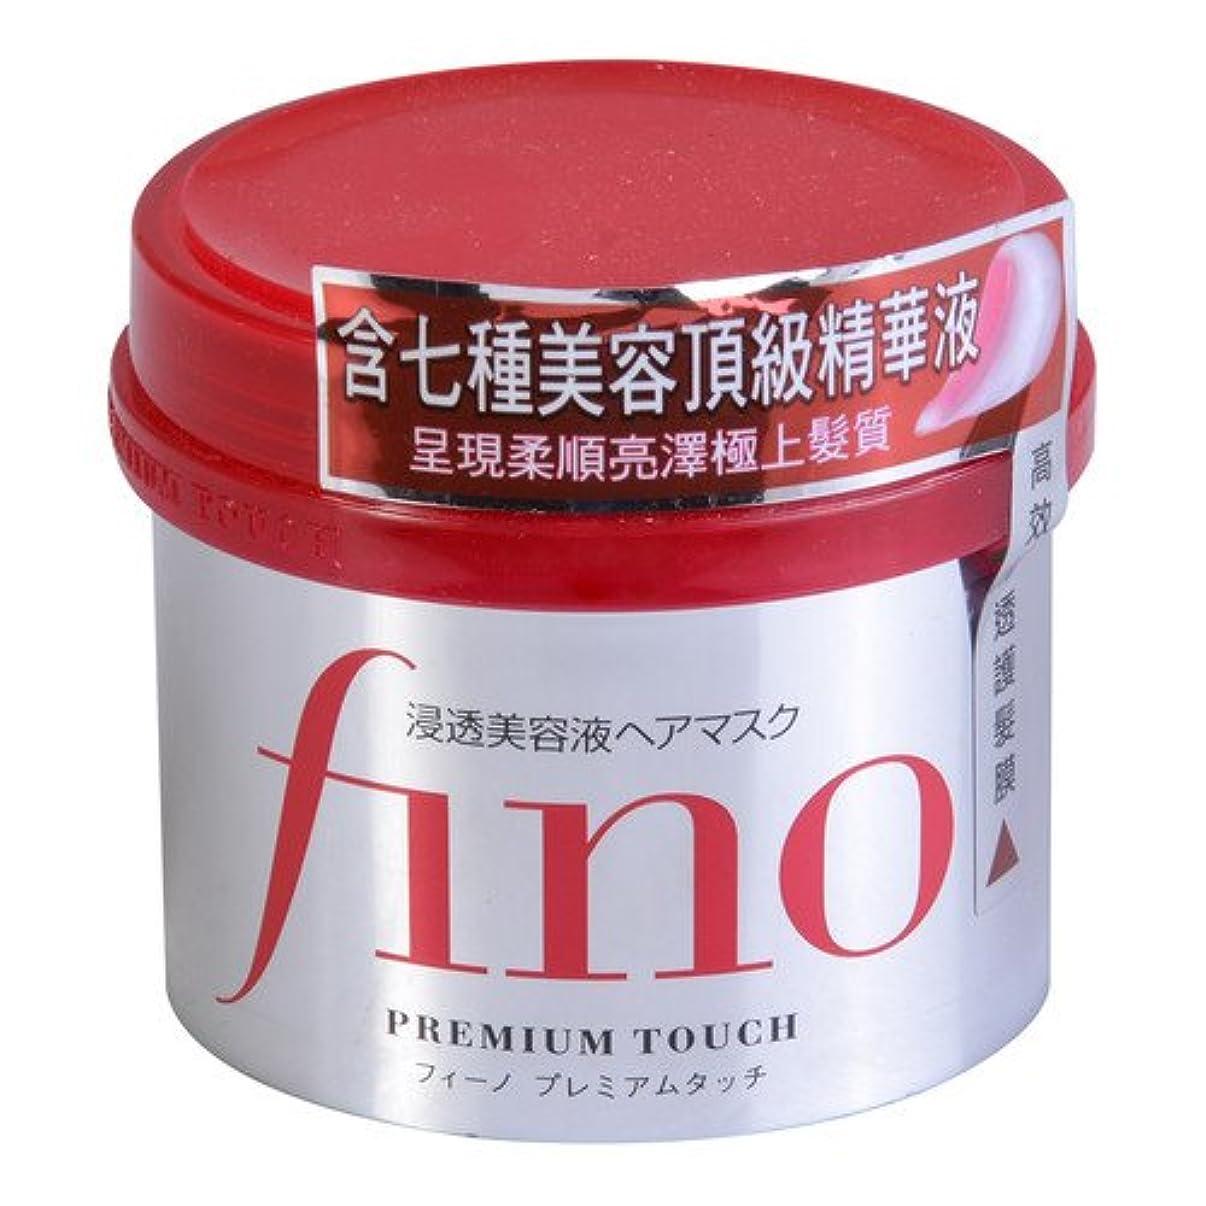 トランペット増加する軽蔑フィーノ プレミアムタッチ 浸透美容液ヘアマスク230g